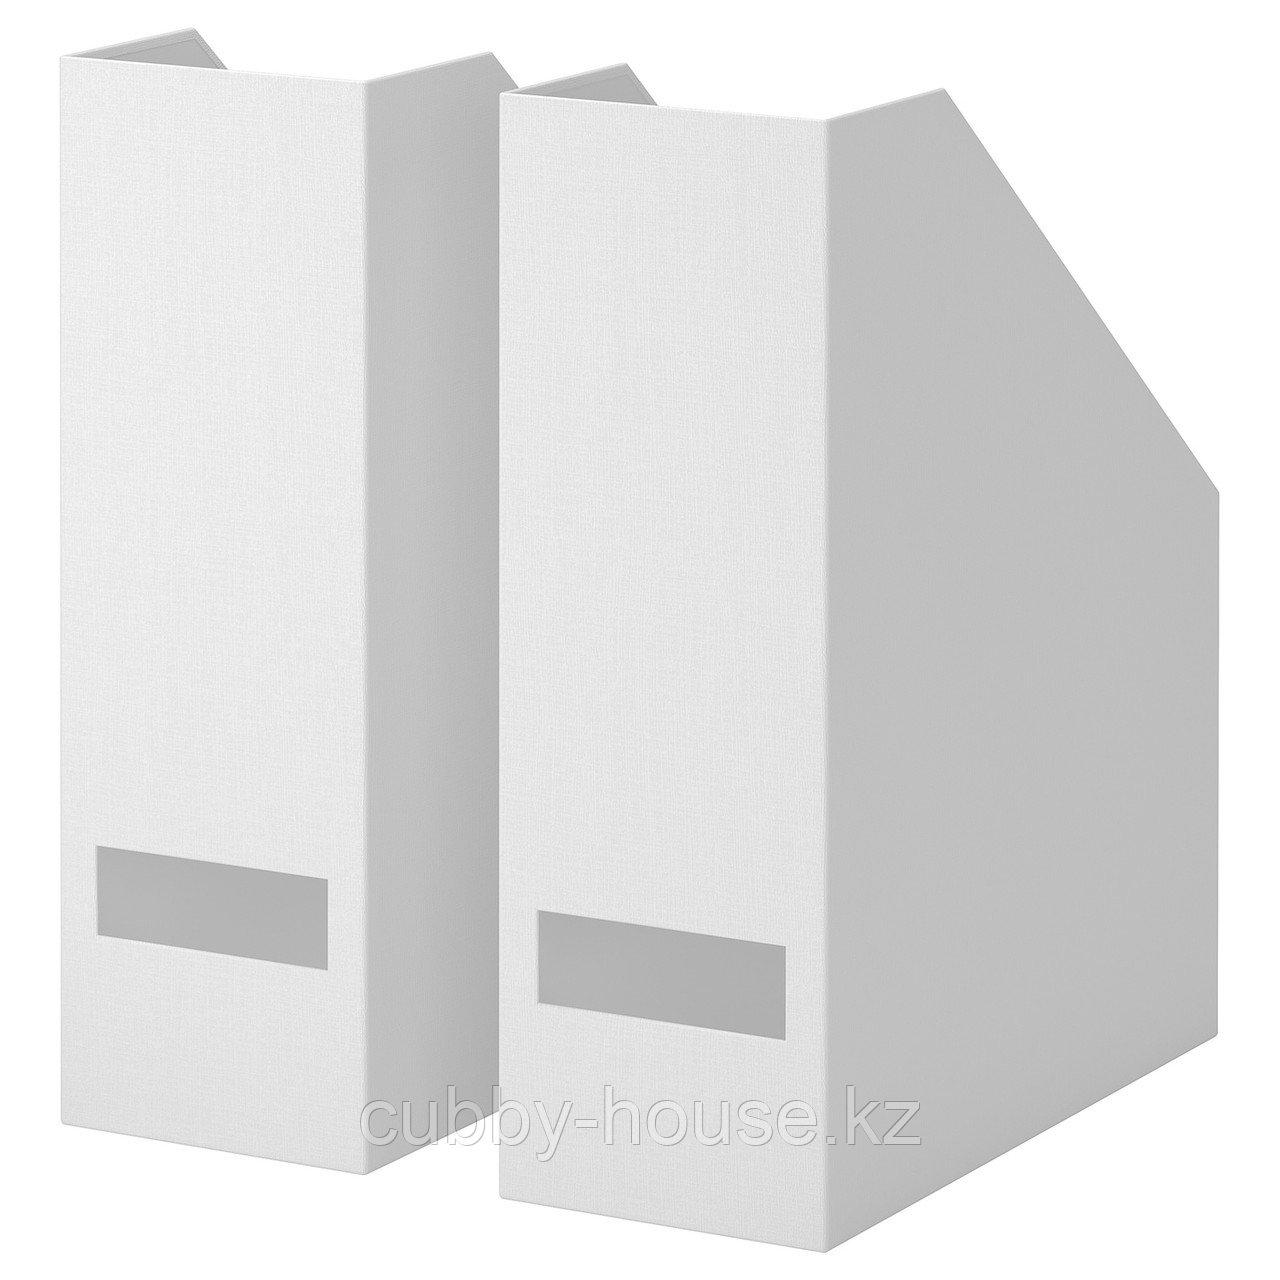 ТЬЕНА Подставка для журналов, белый